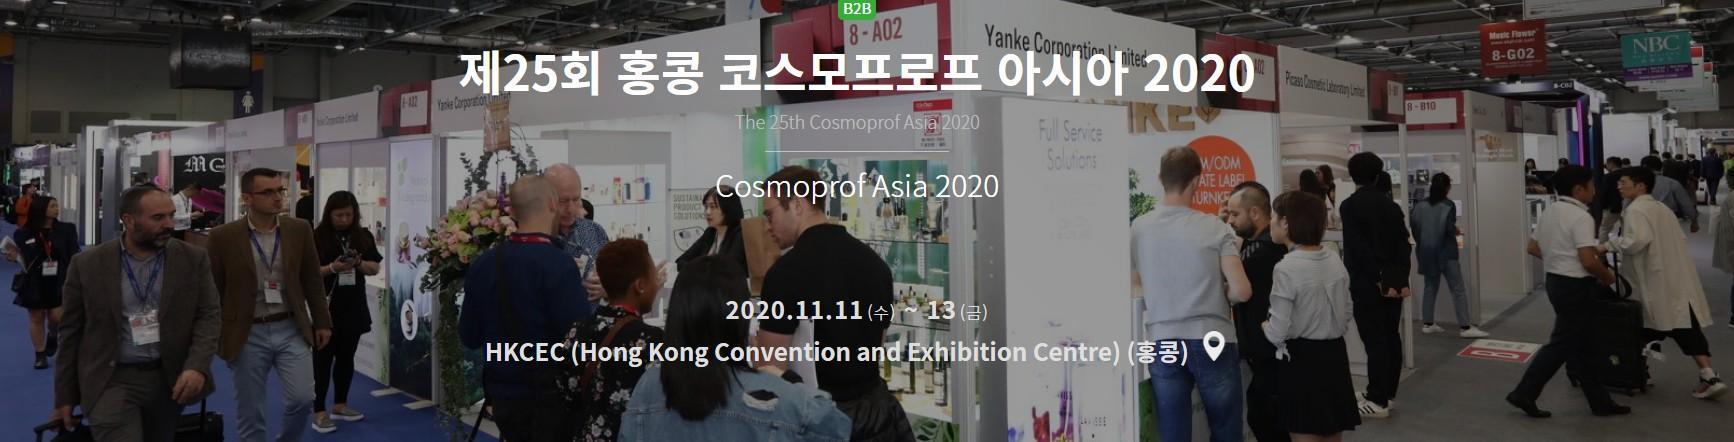 홍콩 코스모프로프 아시아 2020 참가신청 및 정보를 마이페어에서 확인할 수 있습니다.